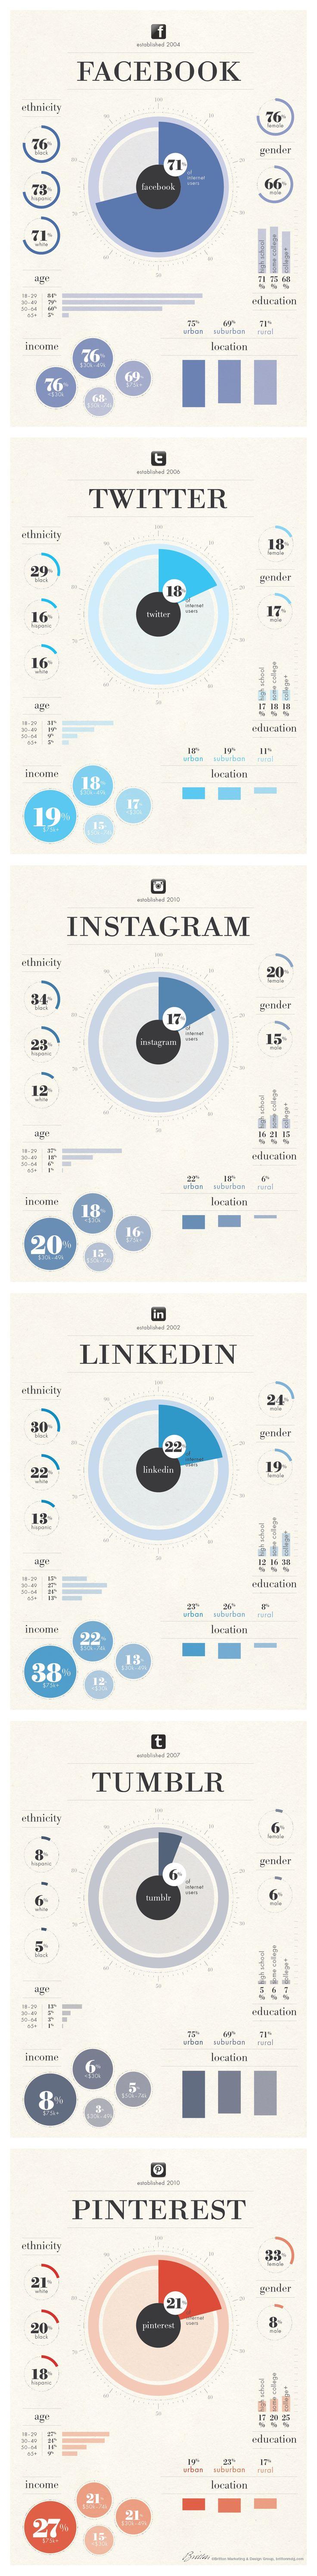 Demografía de las principales Redes Sociales